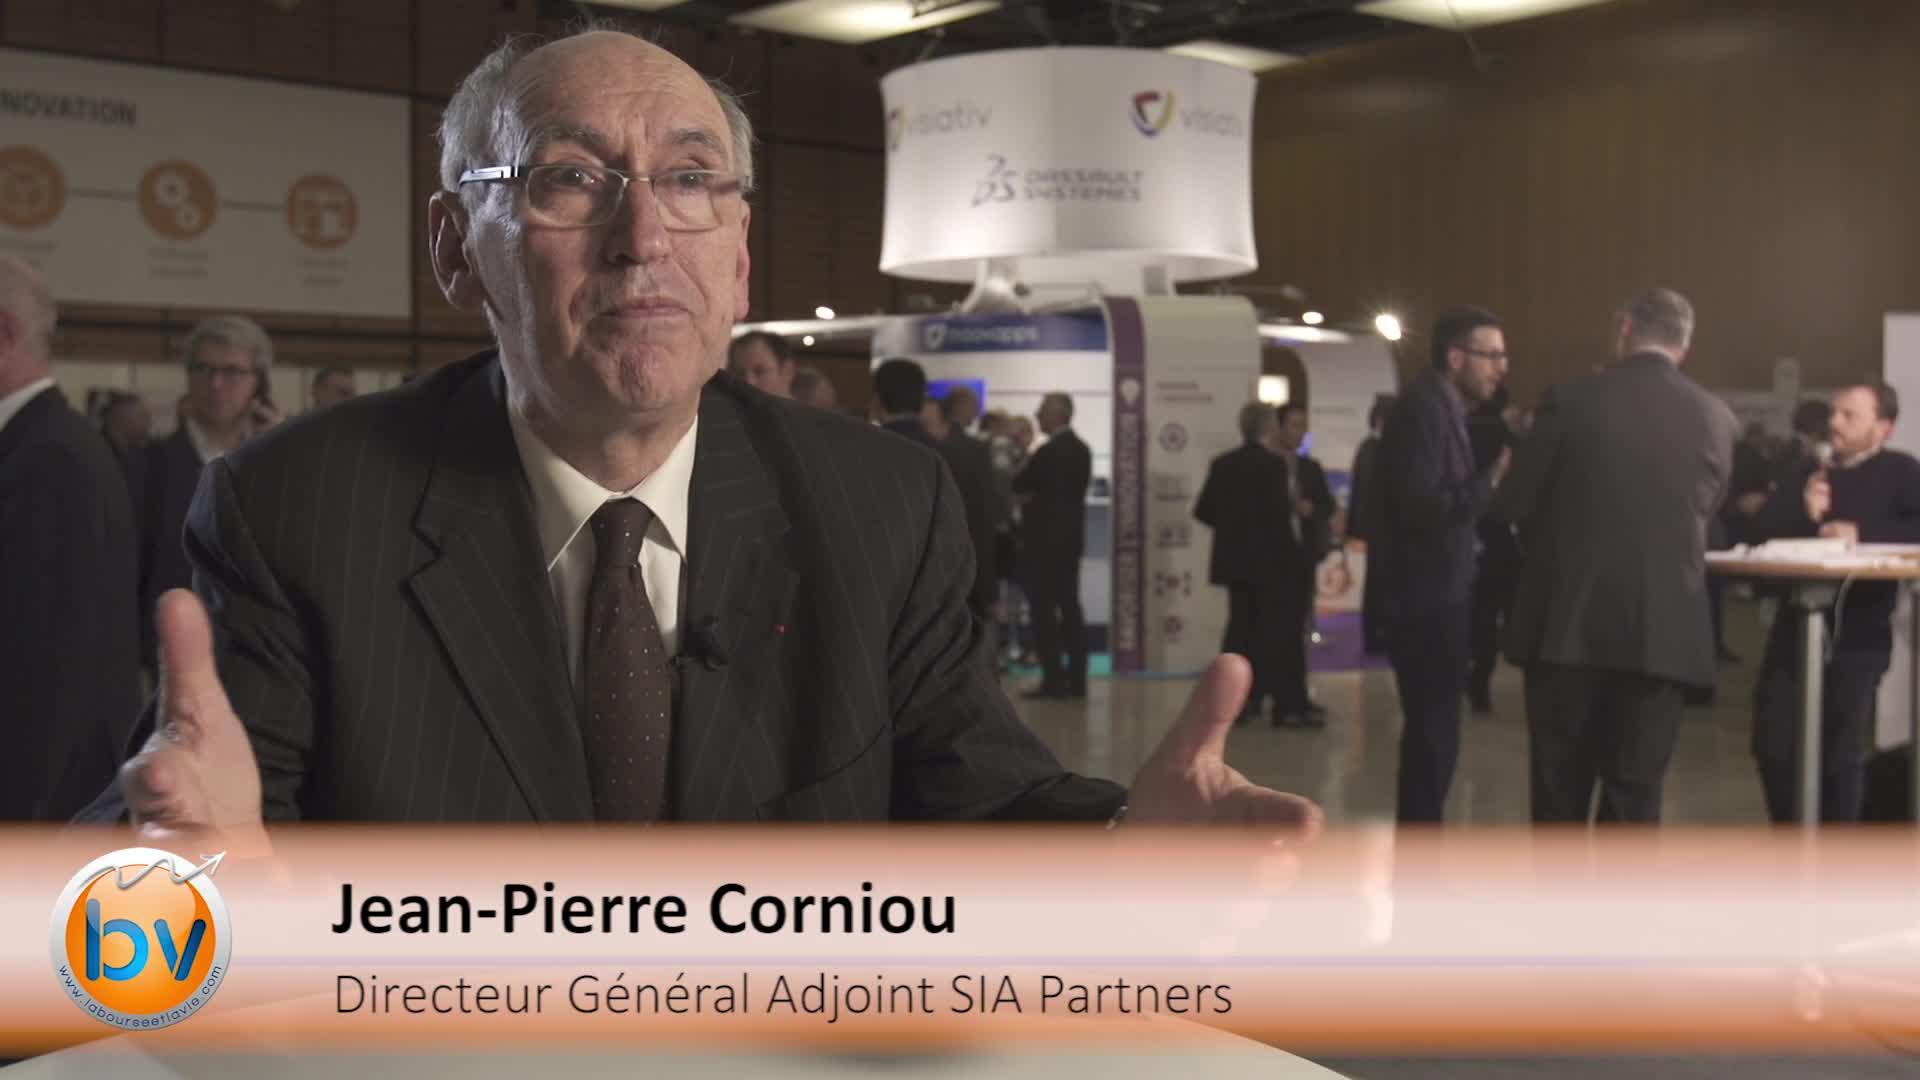 """Jean-Pierre Corniou Directeur Général Adjoint SIA Partners : """"Un des enjeux c'est aussi de changer les méthodes managériales"""""""